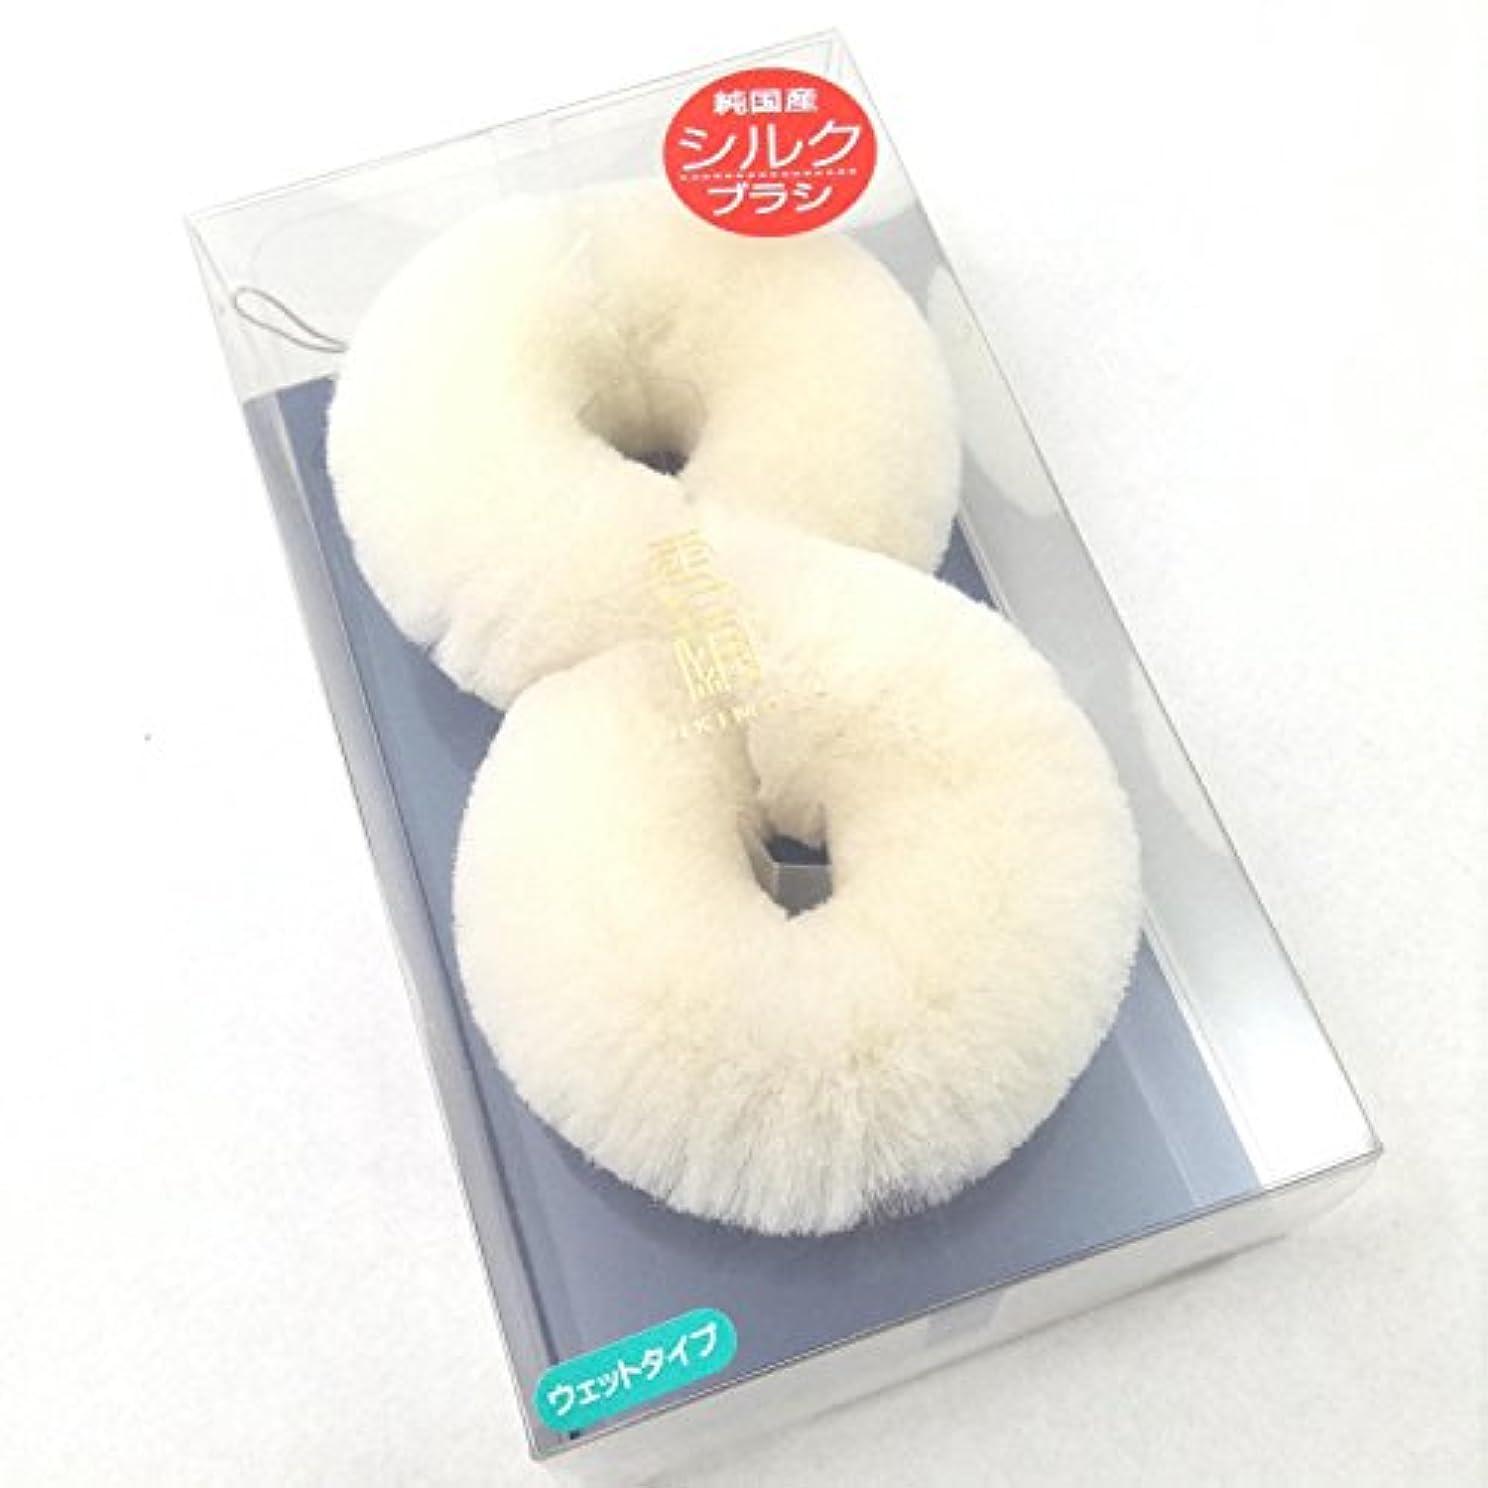 ロイヤリティ壁義務的雪繭 ゆきまゆ シルク 絹 マッサージブラシ ウェットタイプ 特大サイズ ボディ用